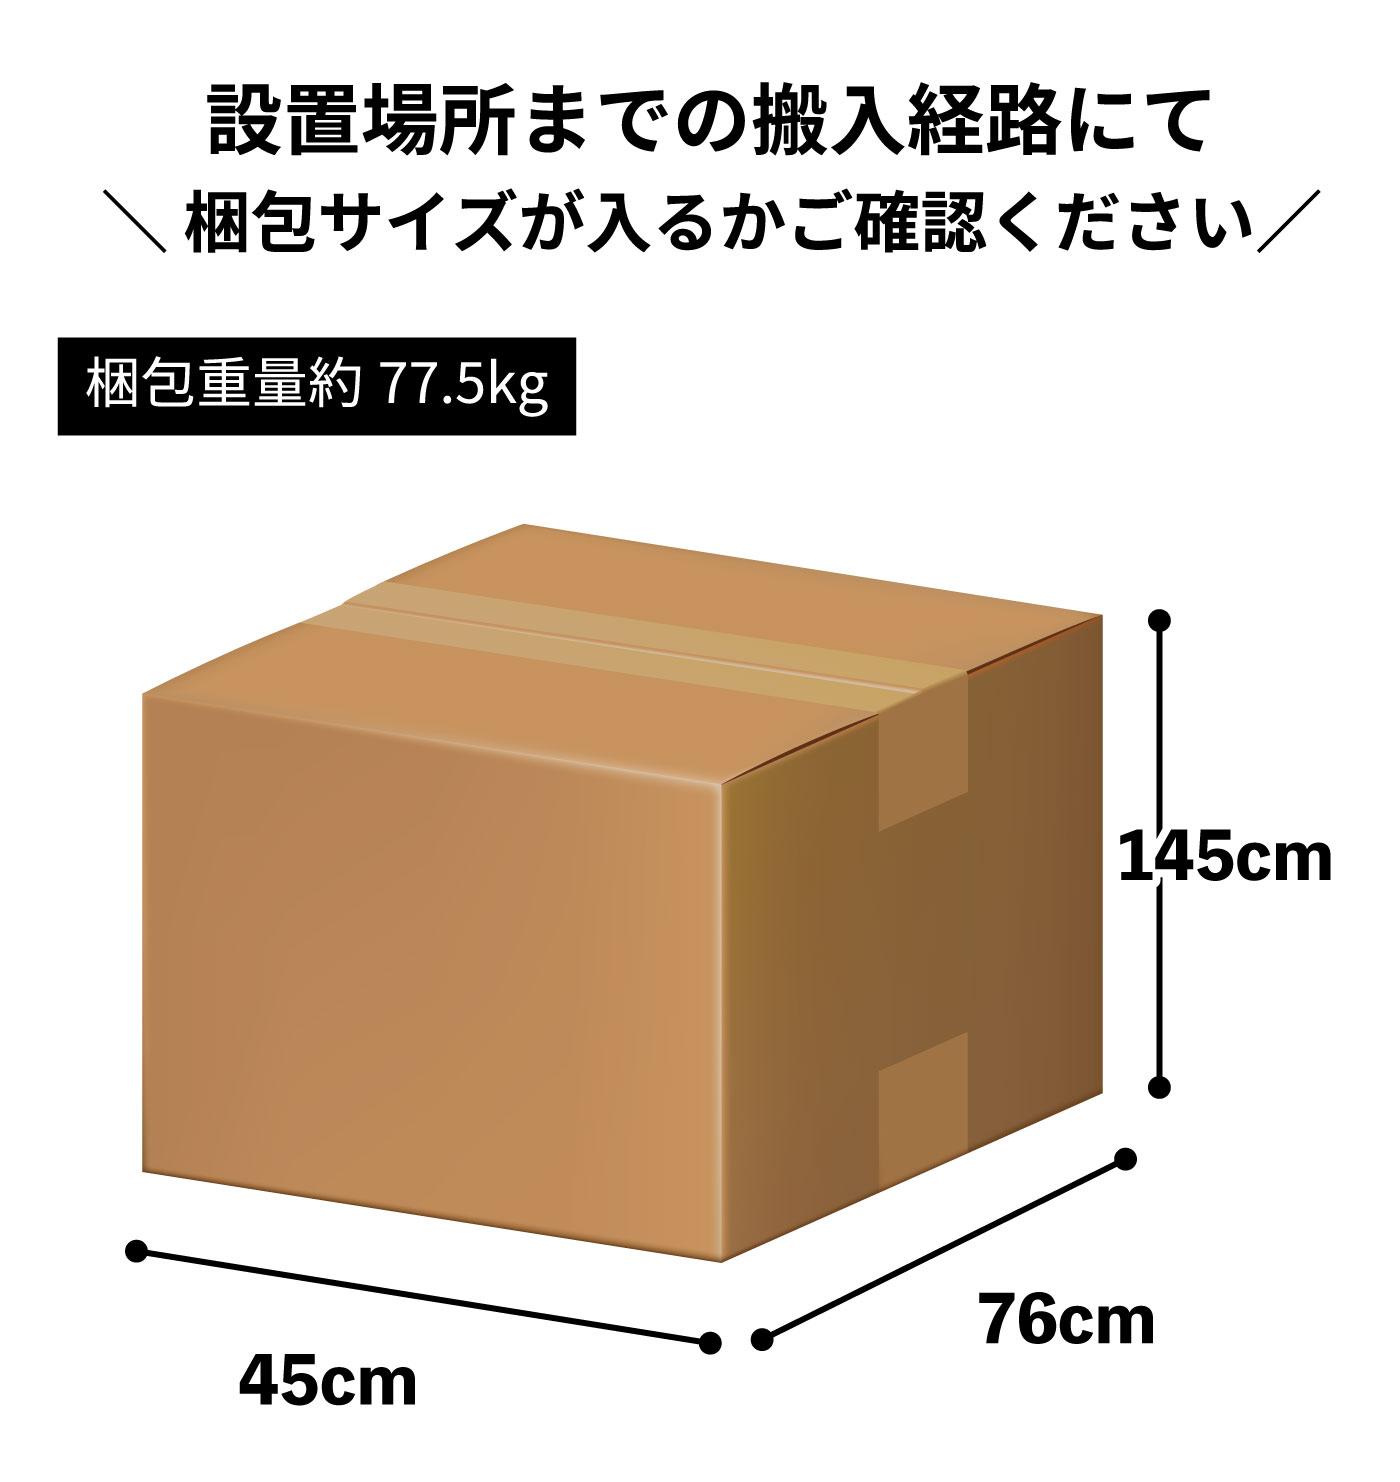 CR800の梱包サイズ